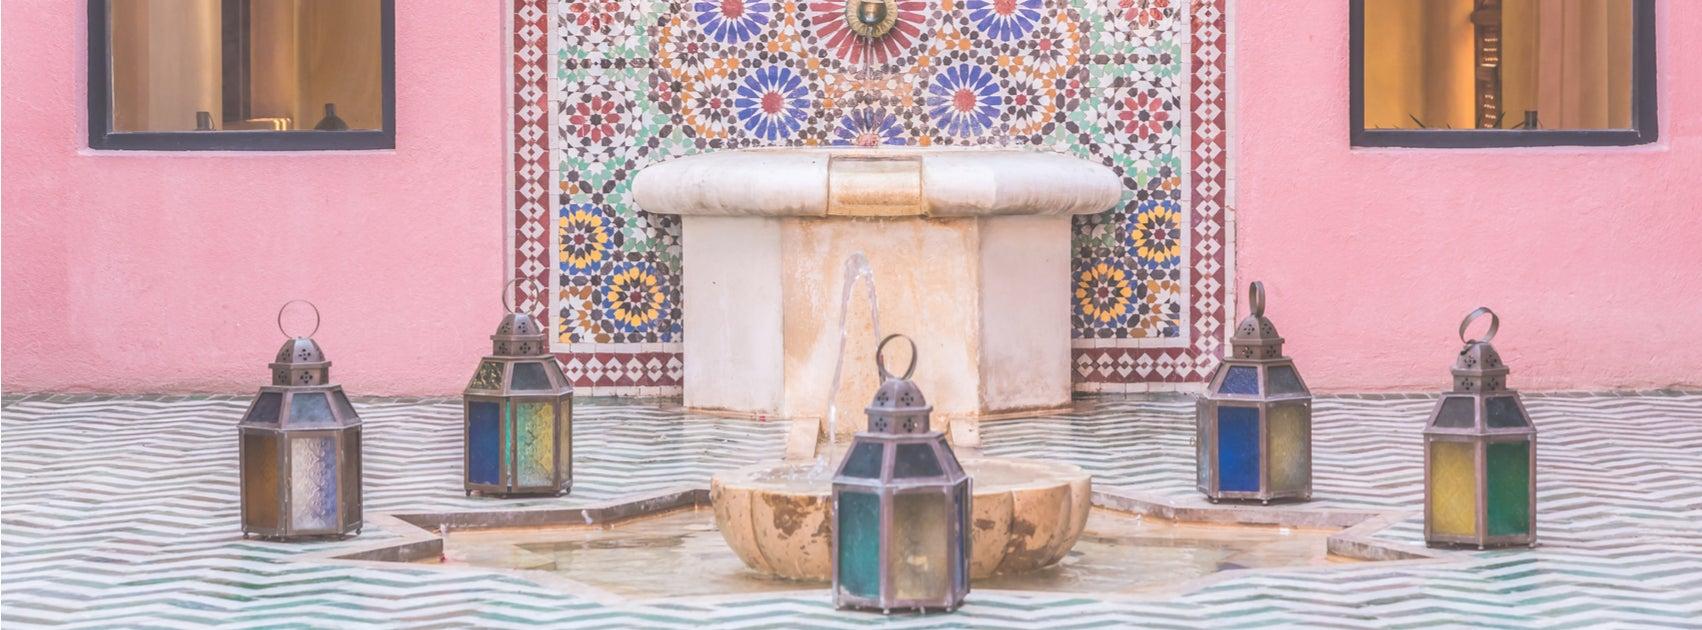 Diseña tu propio salón marroquí